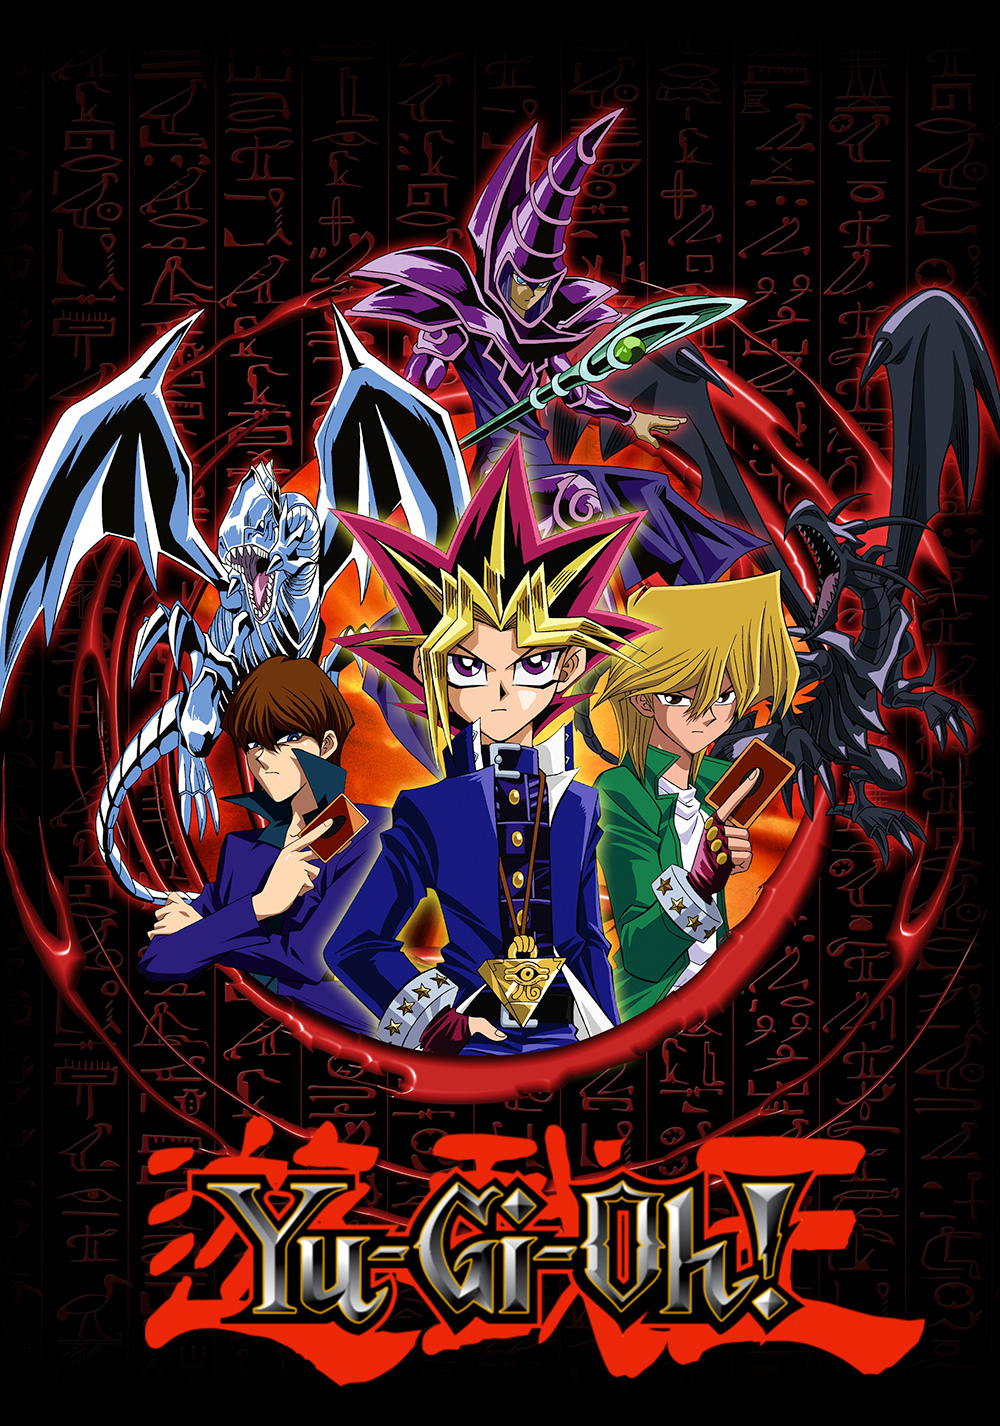 دانلود زیرنویس فارسی سریال Yu-Gi-Oh!